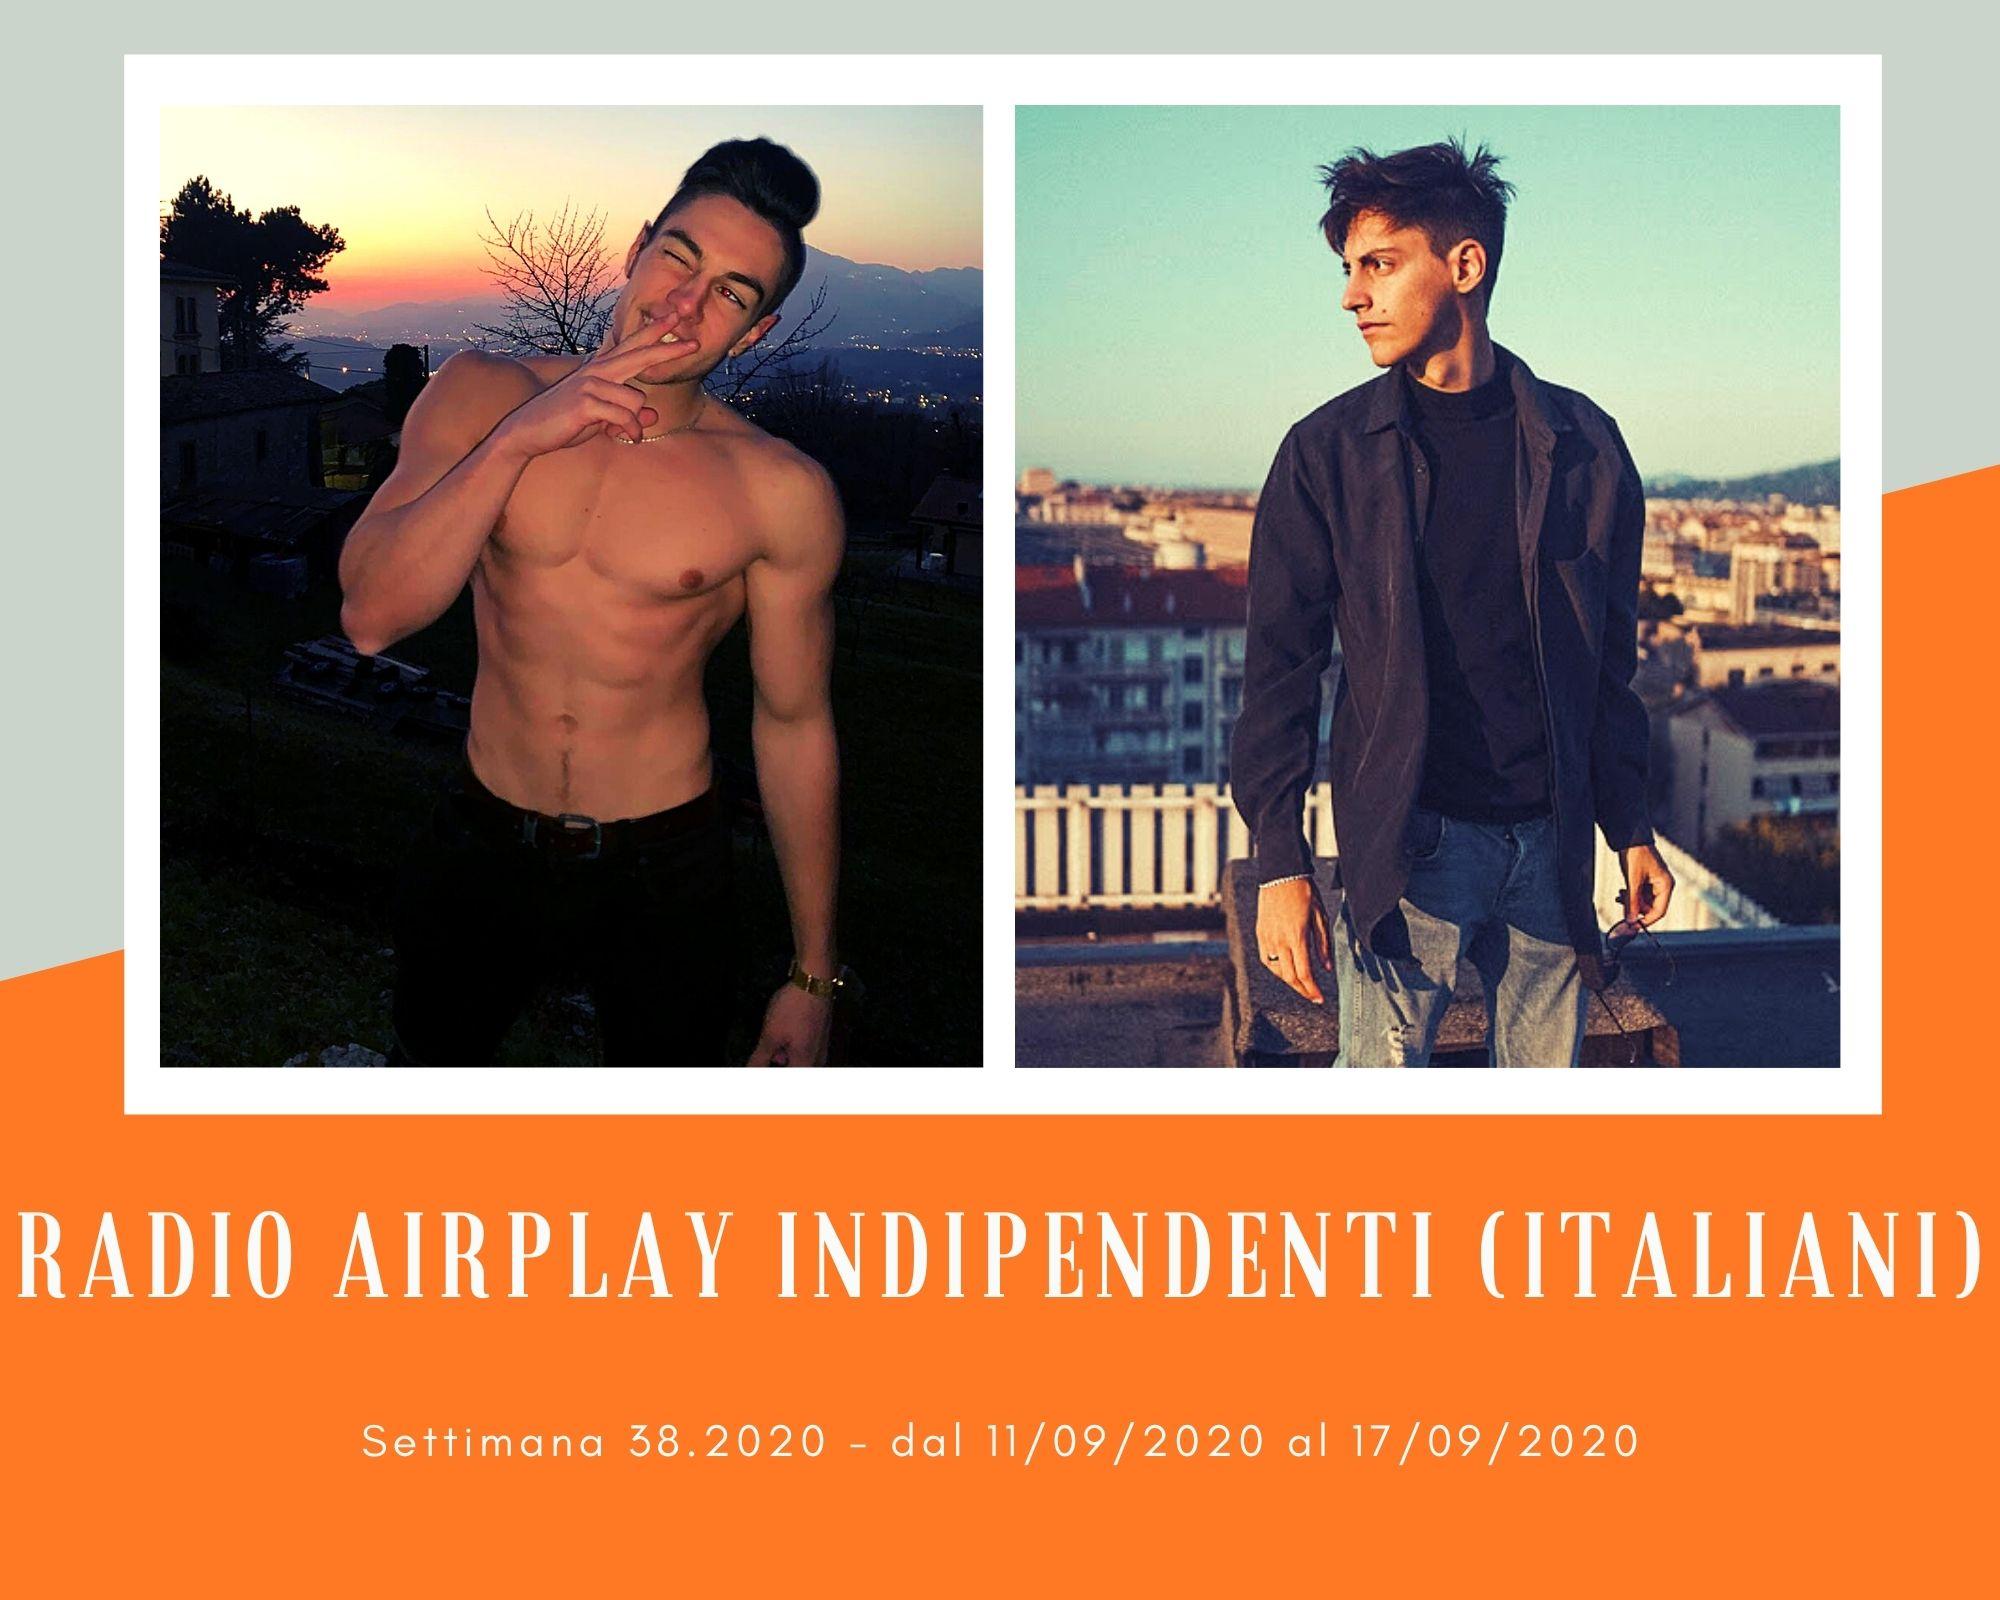 Classifica Radio Airplay Indipendenti Italiani, week 38: Emanuele Aloia e Recidivo, rivelazioni in ascesa. Più su anche i Modà